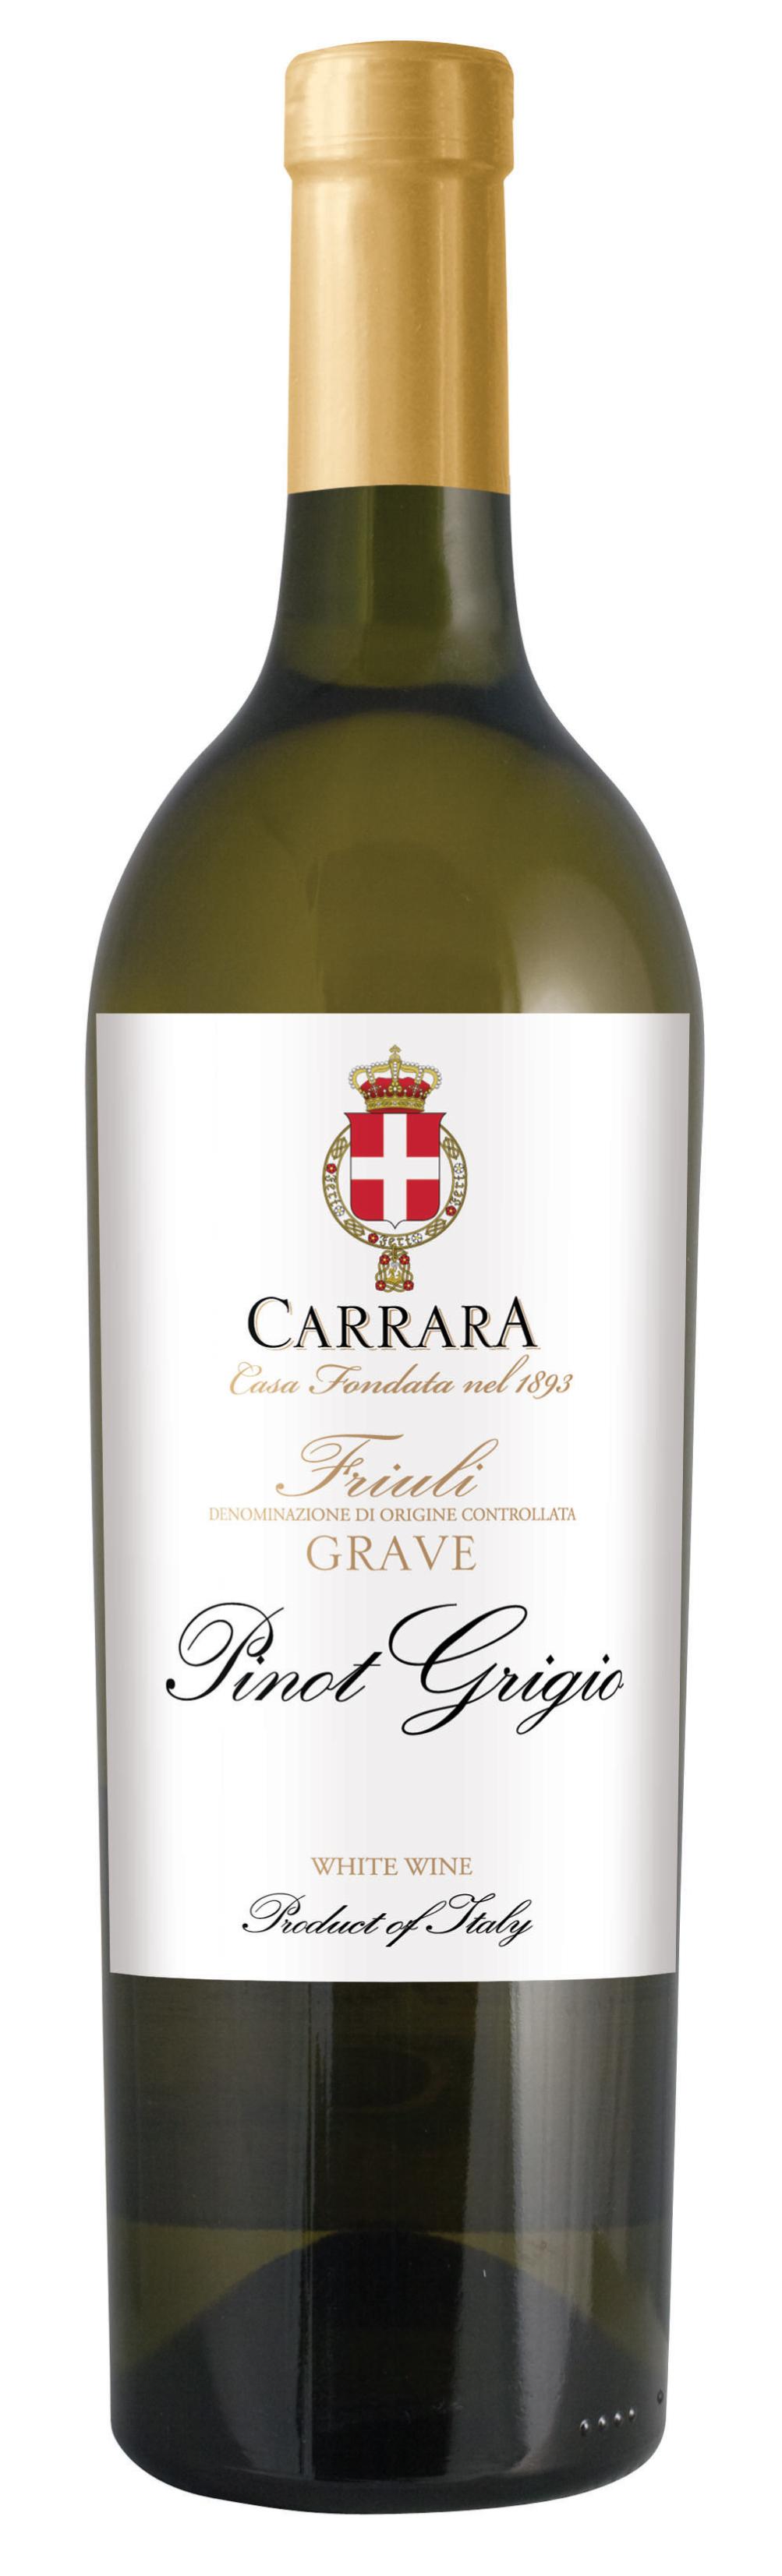 Carrara_PG_bottle.jpg